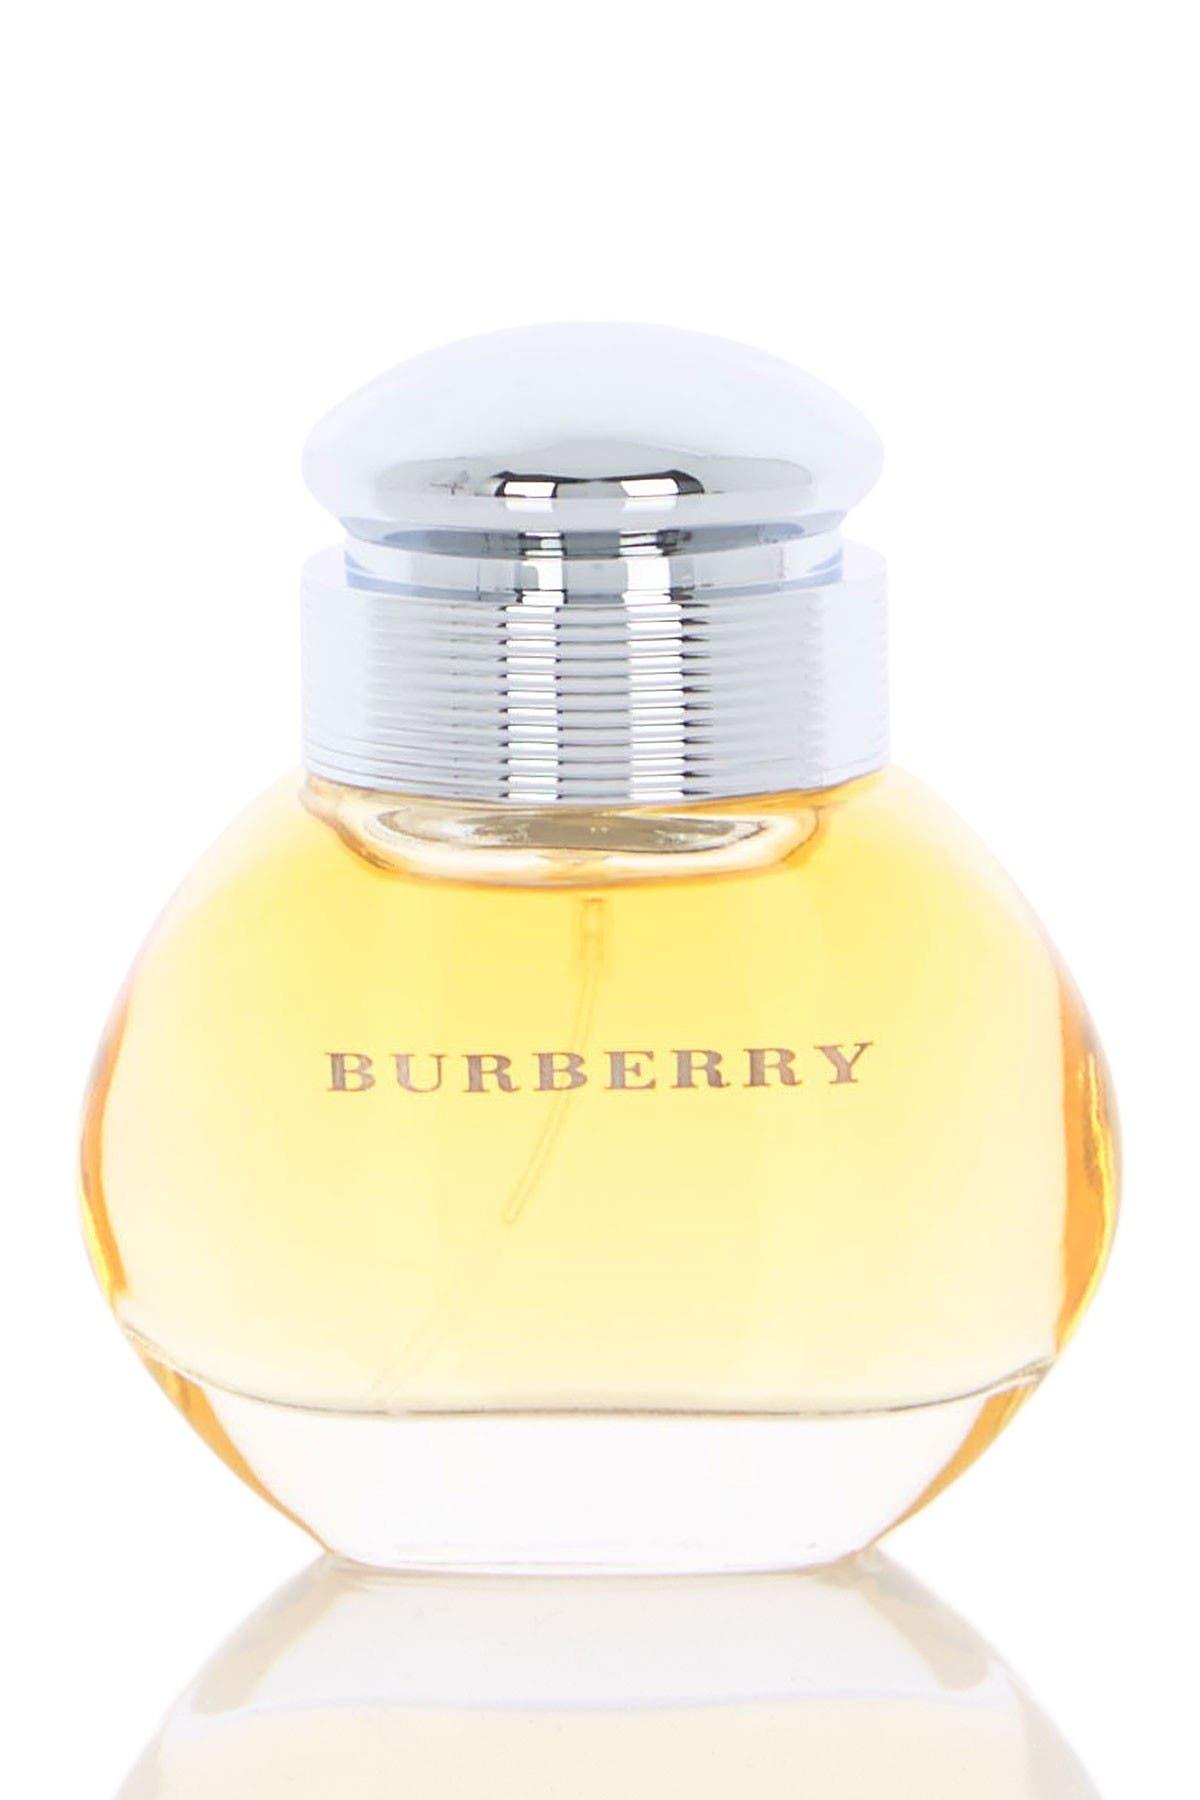 Image of Burberry Women's Eau de Parfum Spray - 1.0 fl. oz. oz.